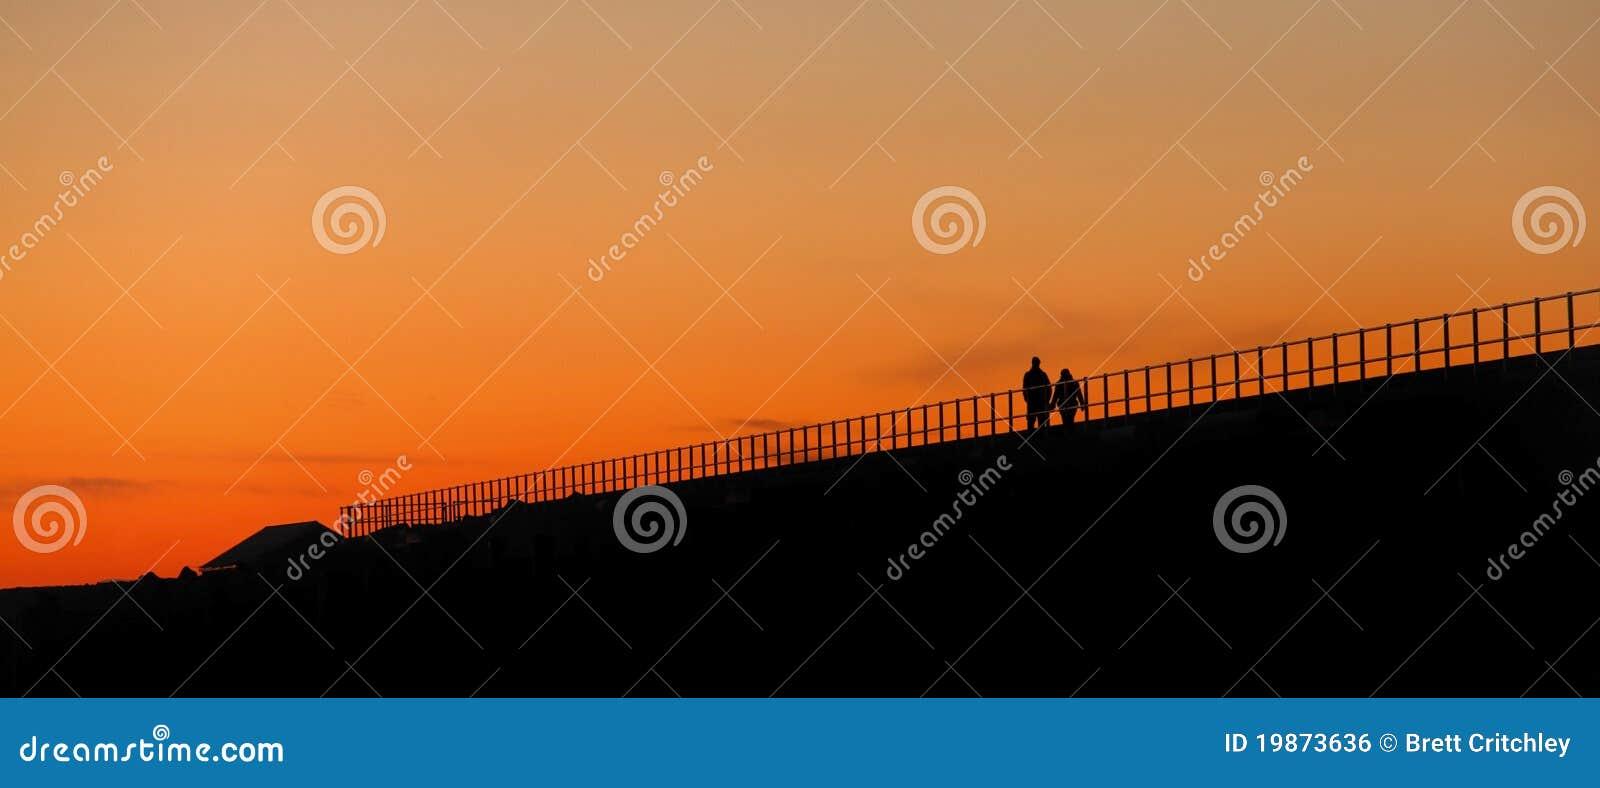 Paar dat bij zonsondergang loopt